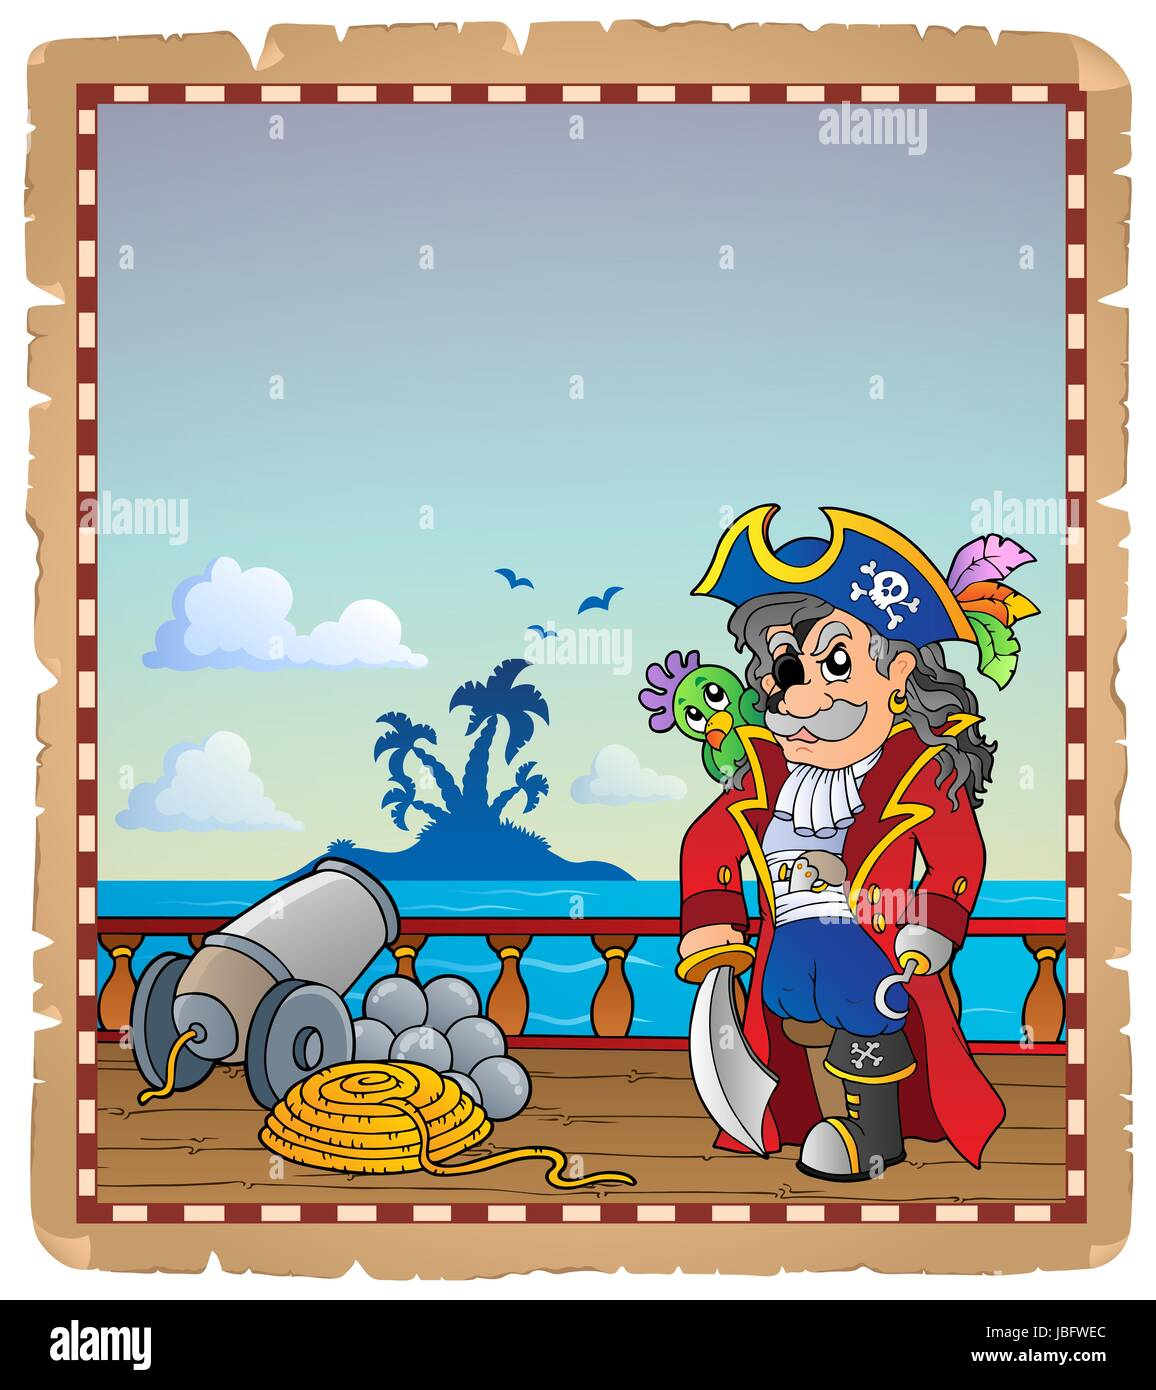 Pergament mit Piraten Schiffsdeck 2 - Bild-Darstellung. Stockbild